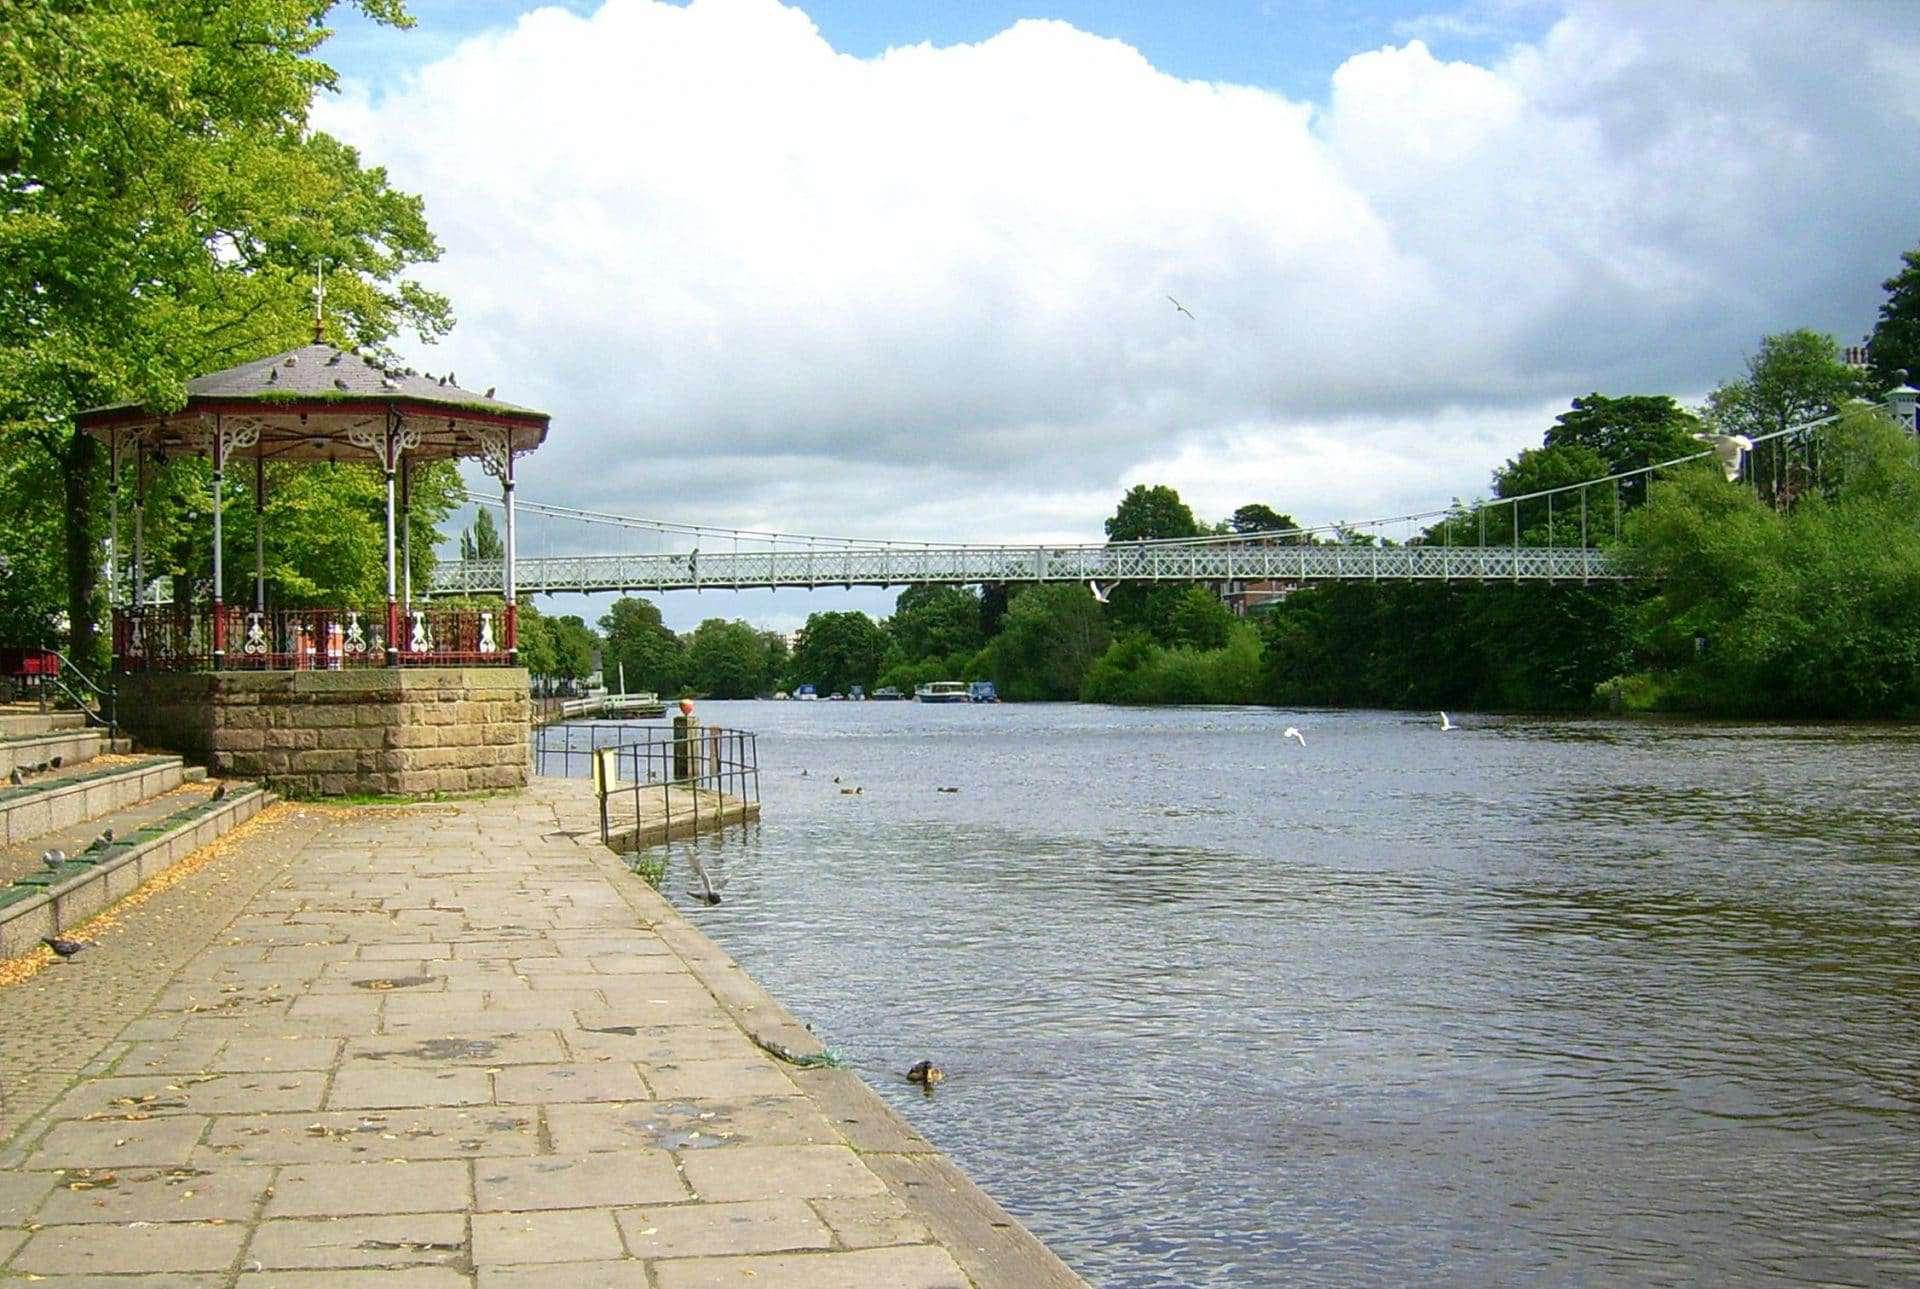 Cosa vedere a Chester, la città inglese fondata dai romani